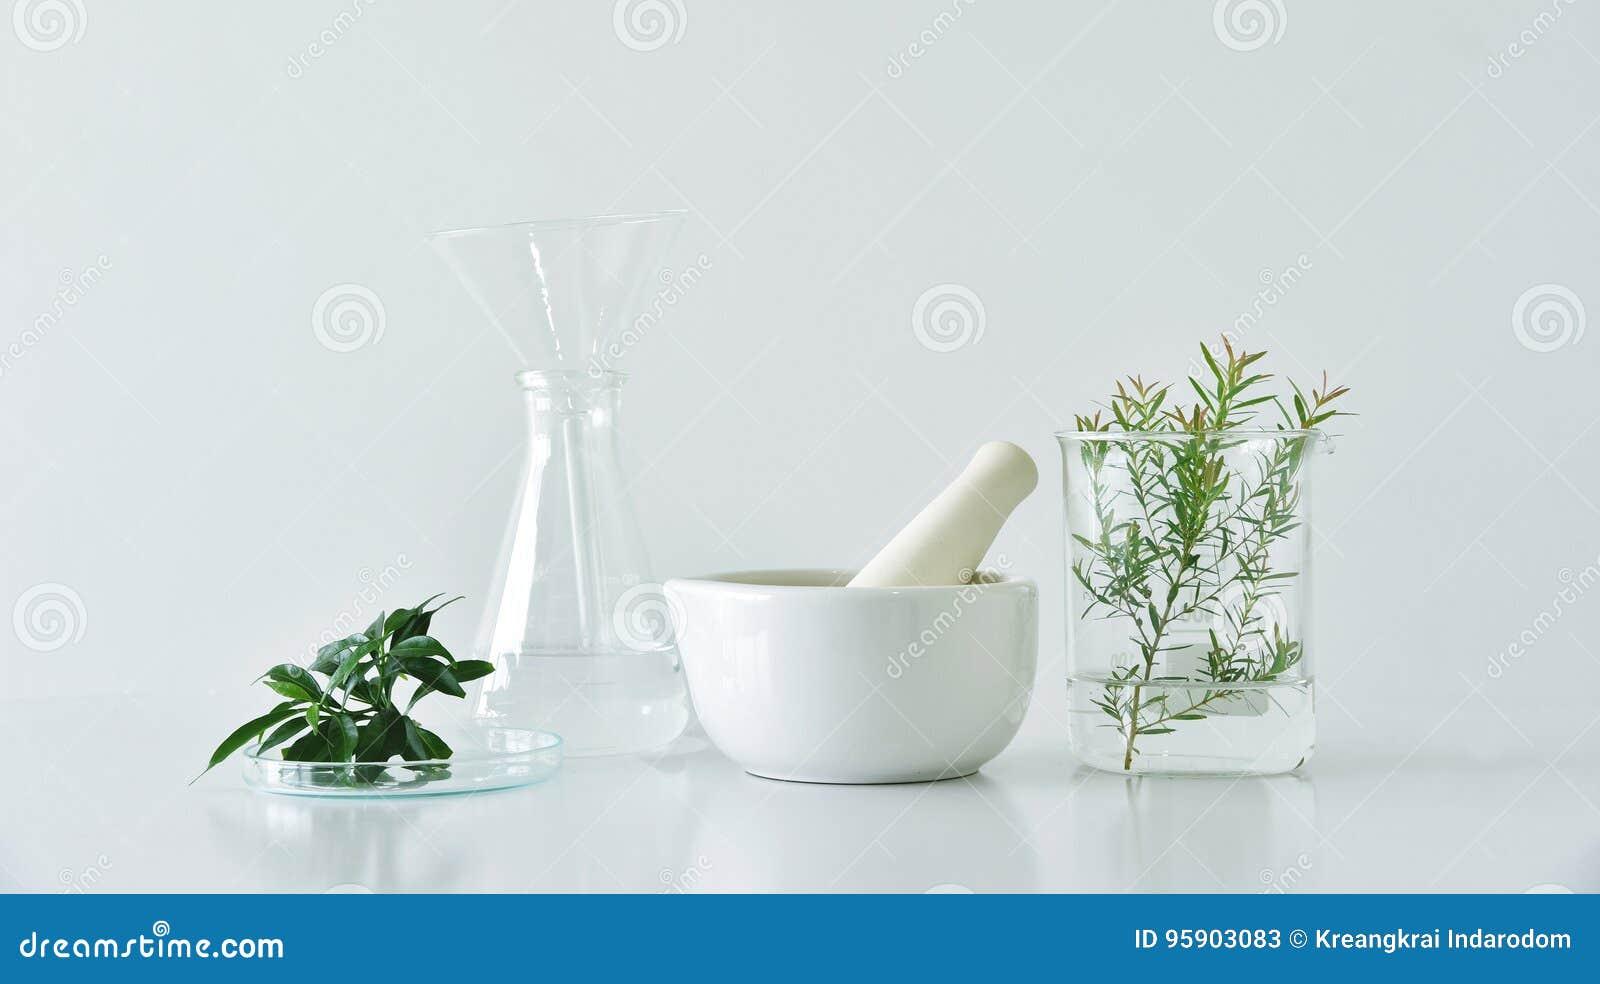 Botánica orgánica natural y cristalería científica, medicina alternativa de la hierba, productos de belleza naturales del cuidado